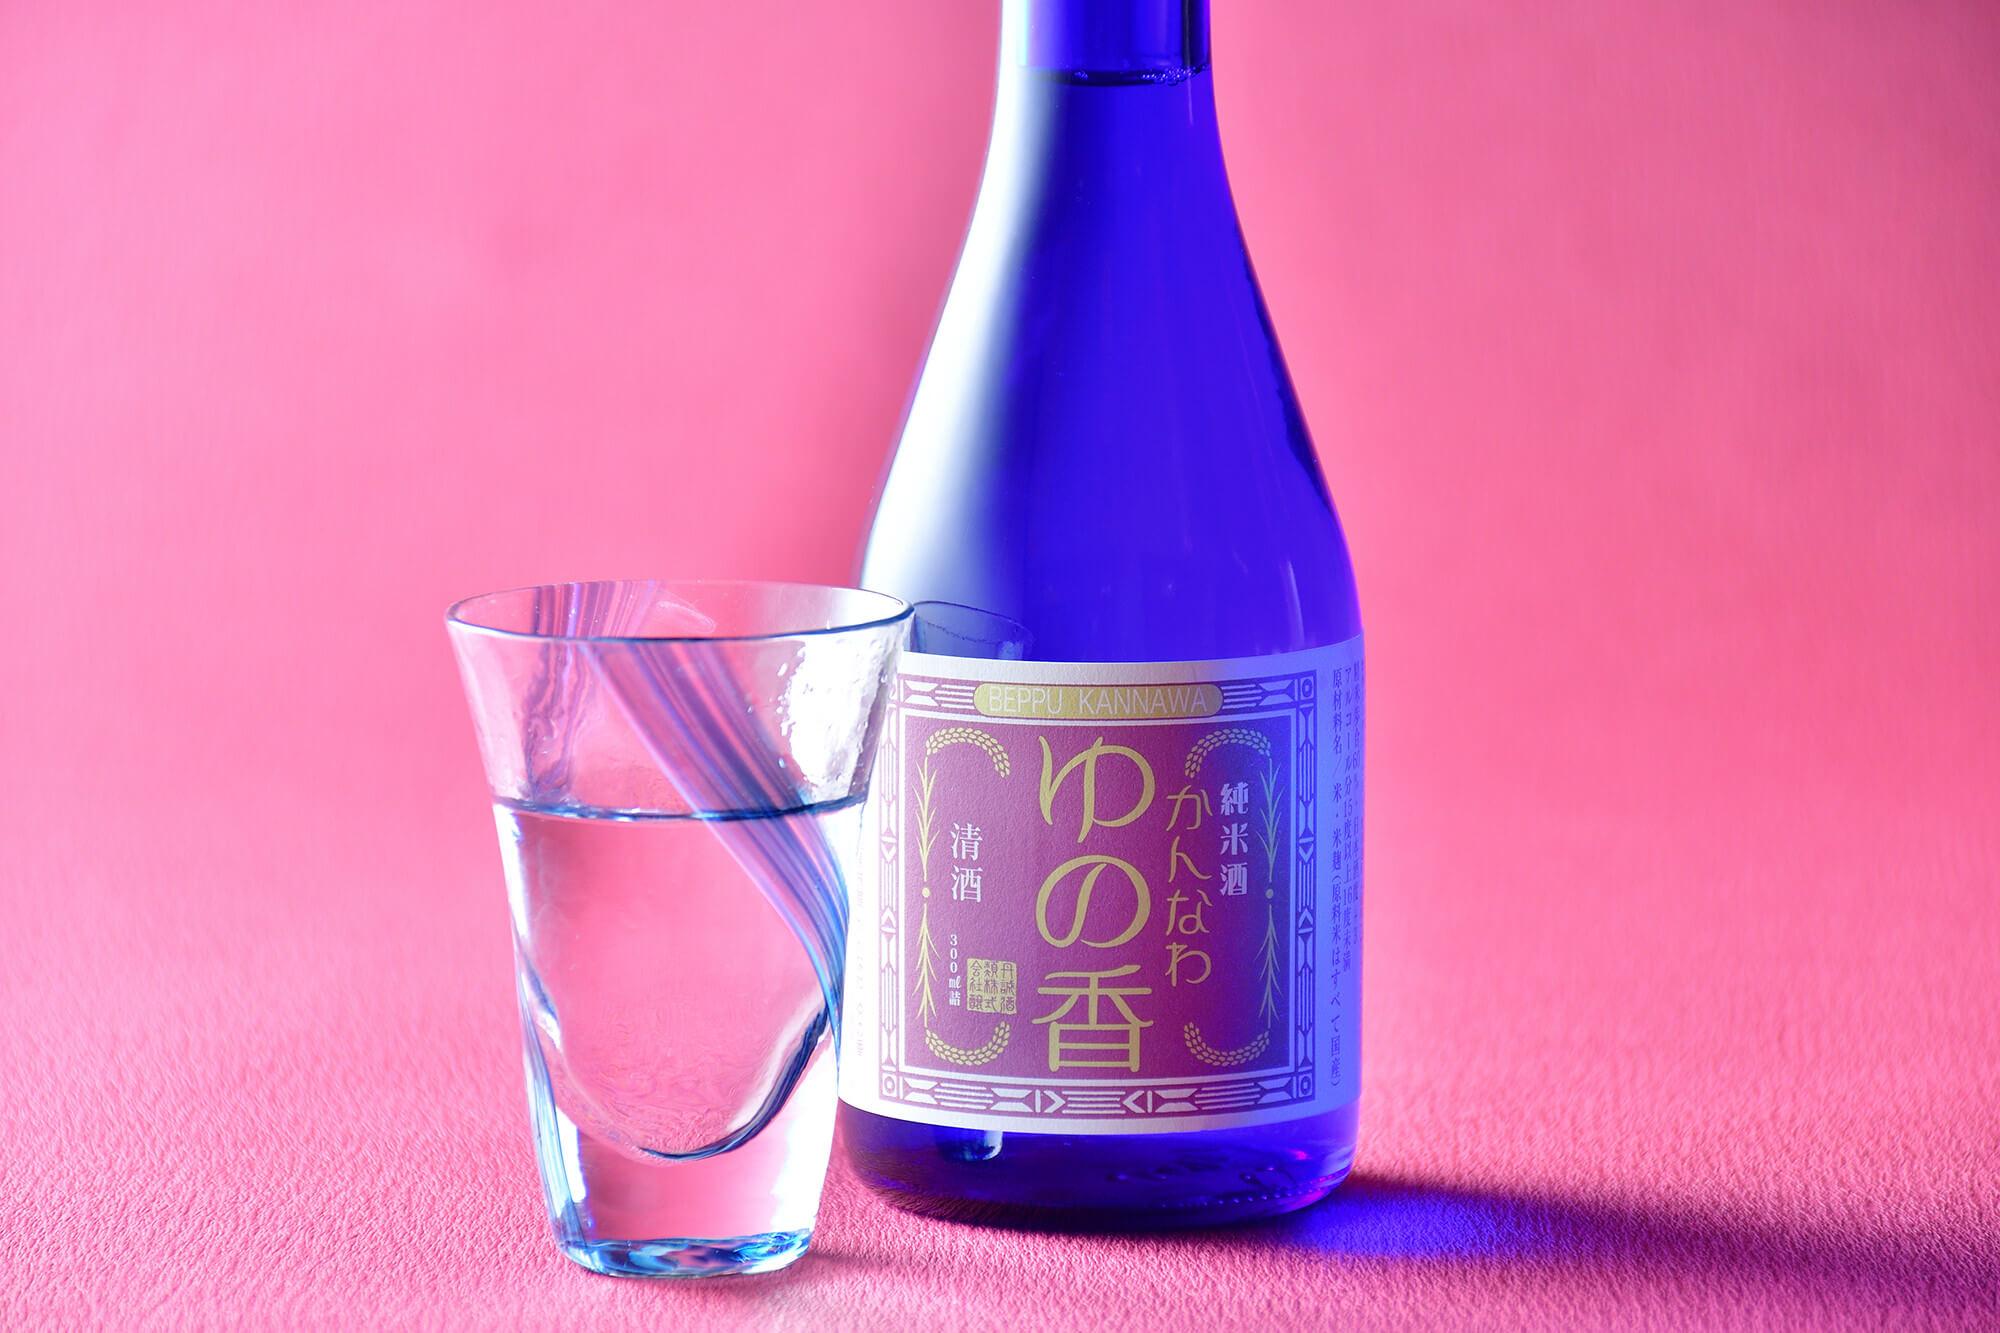 純米酒 かんなわ ゆの香